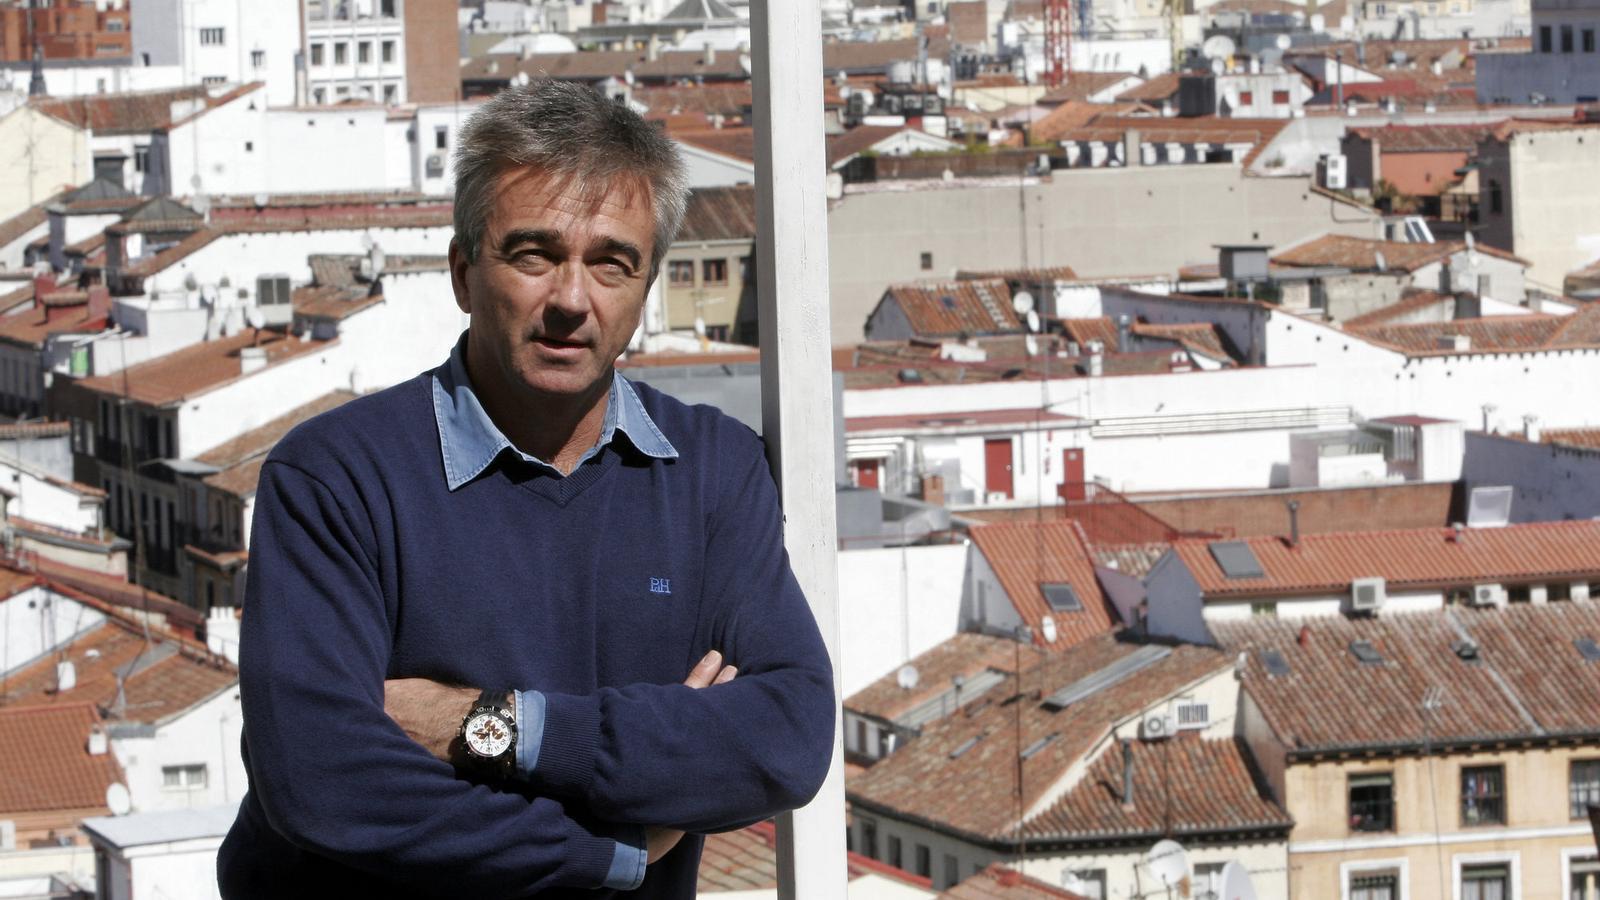 Carles francino reclama una resposta pol tica alguna via for Cadena ser francino